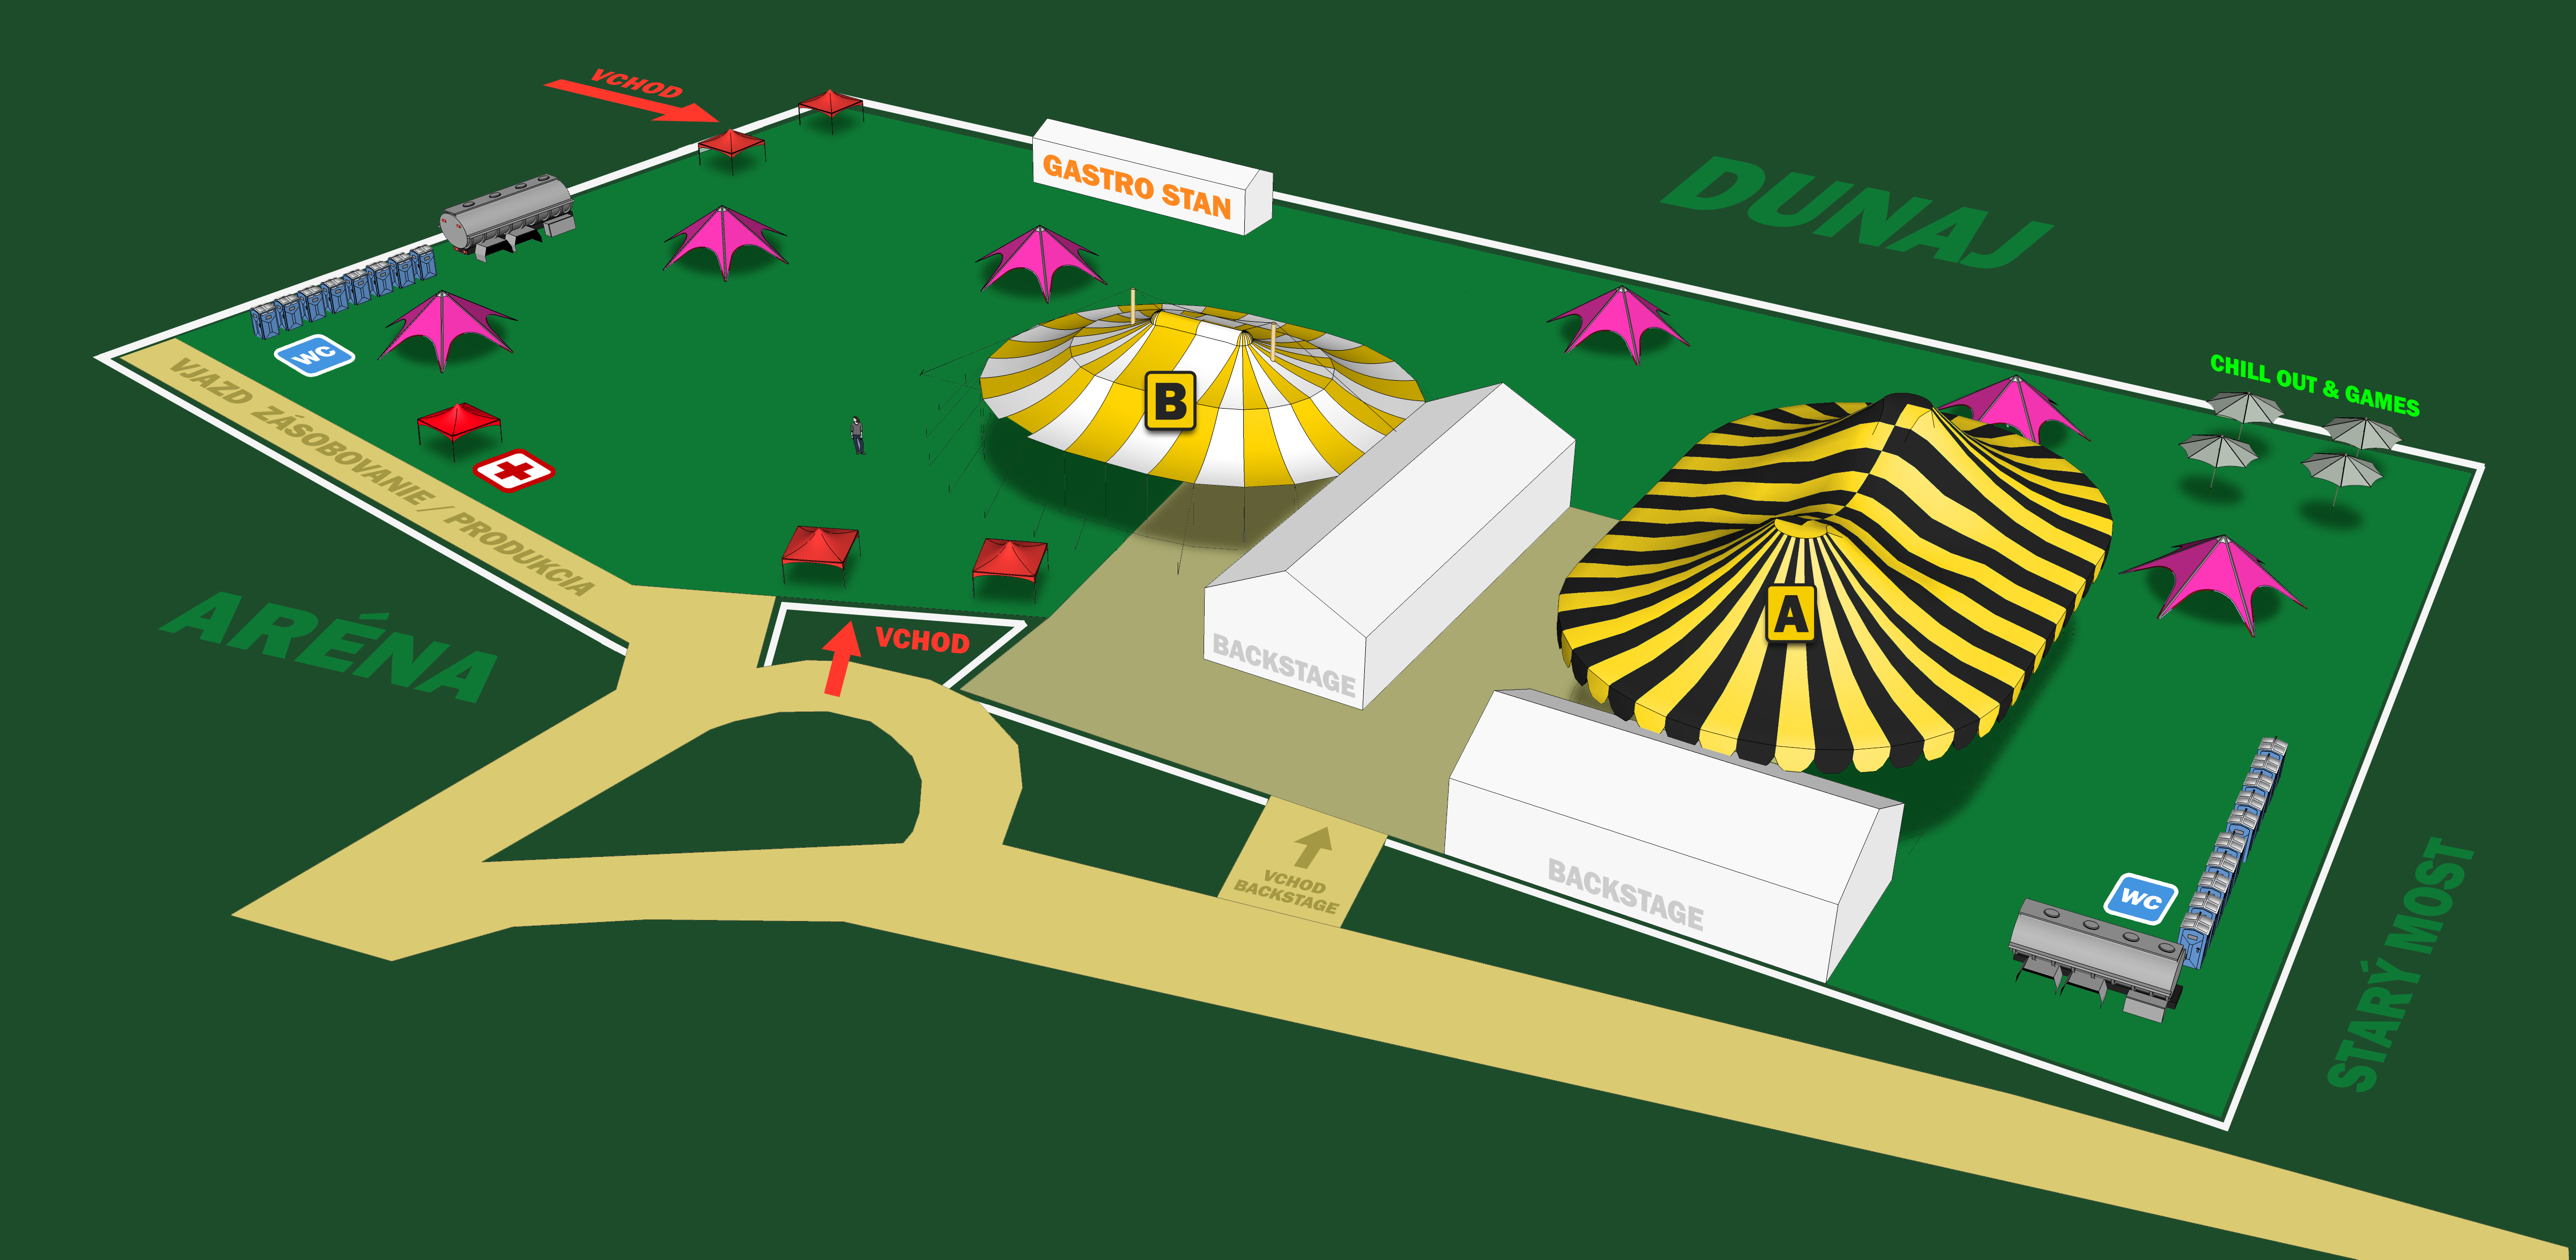 Dunaj ustúpil, festival BA City Beats sa bude definitívne konať na Tyršovom nábreží BOMBING 2